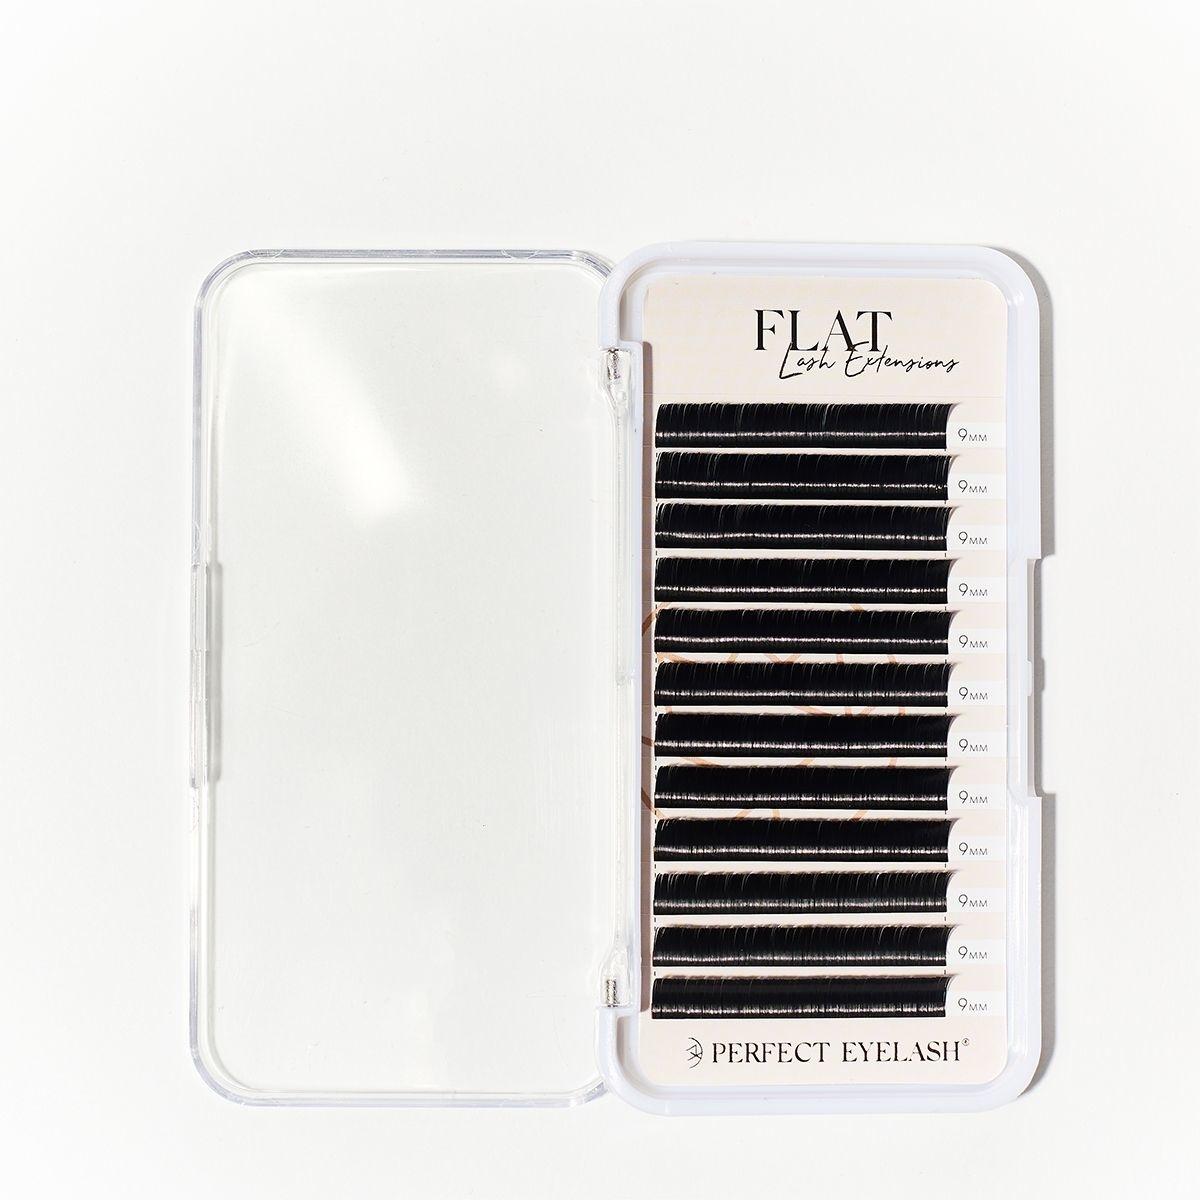 Flat Lashes - Perfect Eyelash-2